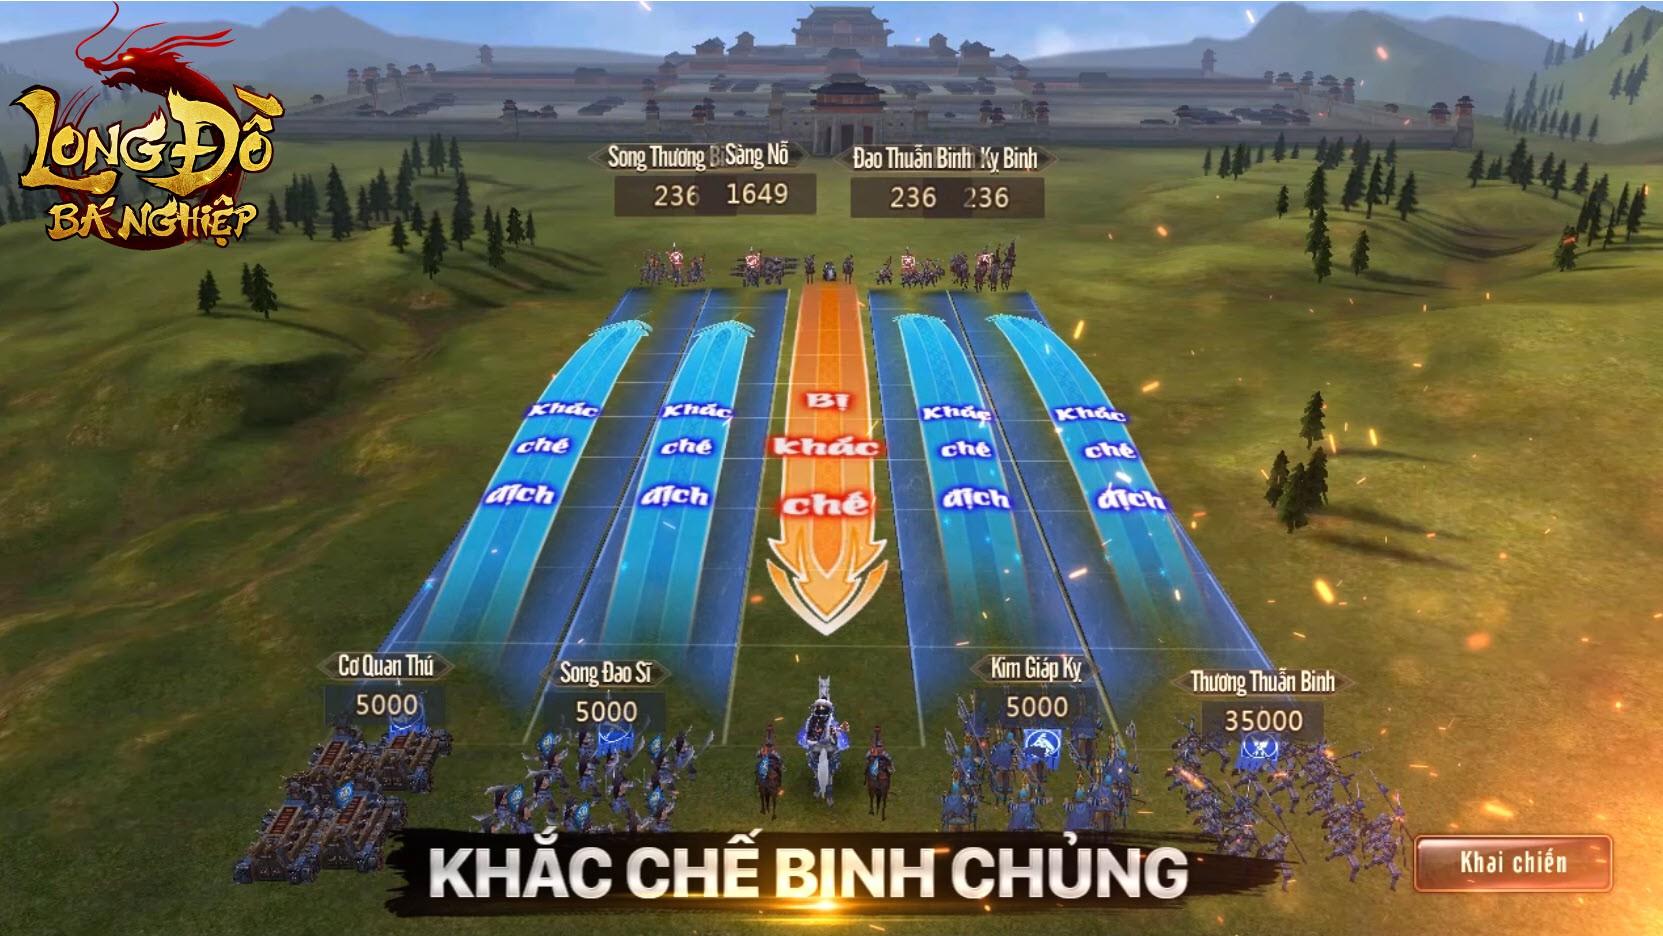 Cộng đồng game thủ chiến thuật SLG hơn 10 năm qua đang đổ xô về Long Đồ Bá Nghiệp đón chờ siêu phẩm Top 1 Châu Á - Ảnh 11.